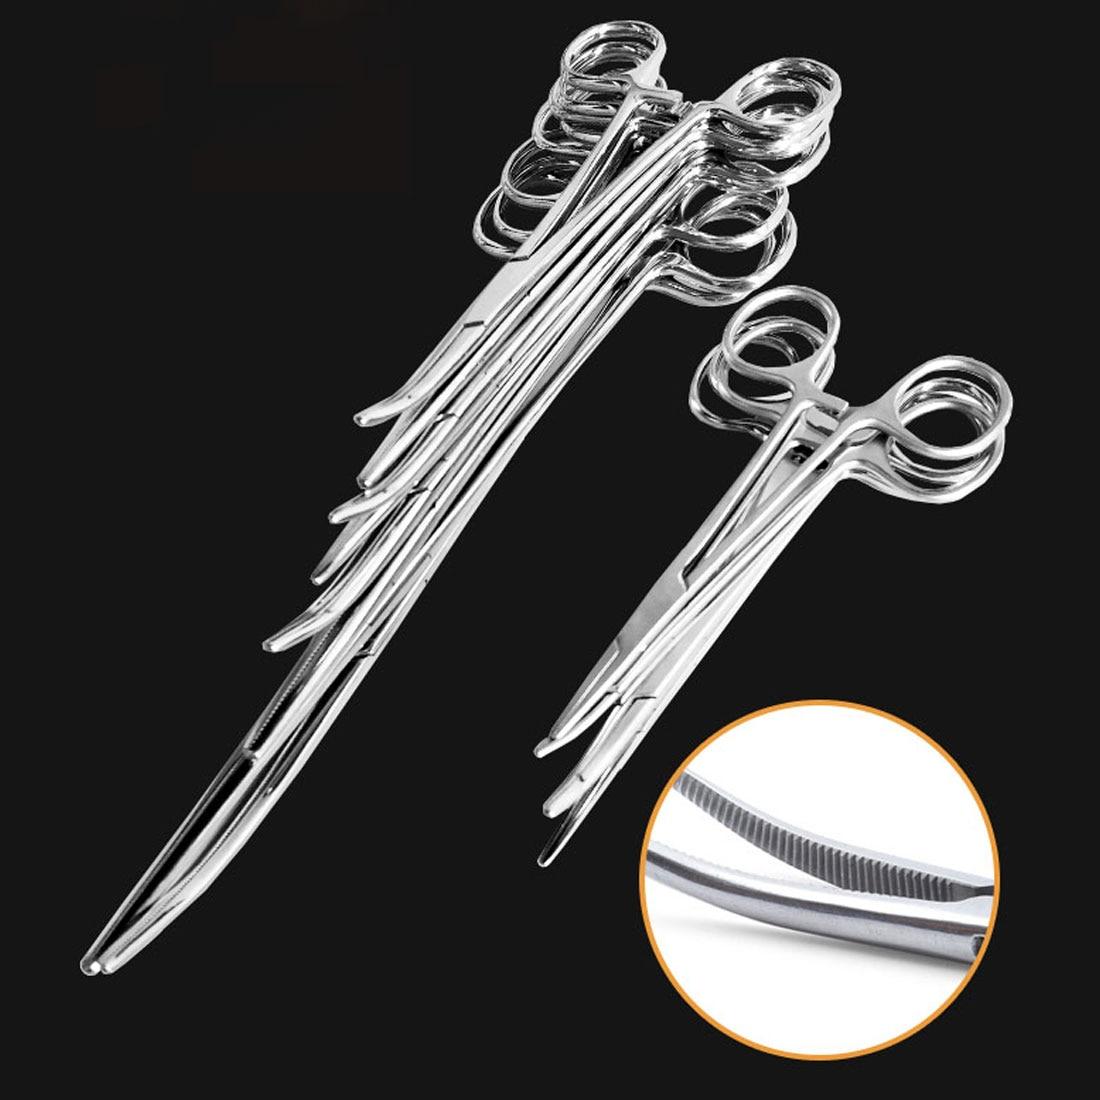 Courbe//Droite en acier inoxydable Pince mer Carpe Pike Pince de p/êche 12,7/cm 15,2/cm 17,8/cm 20,3/cm 25,4/cm droit et incurv/é